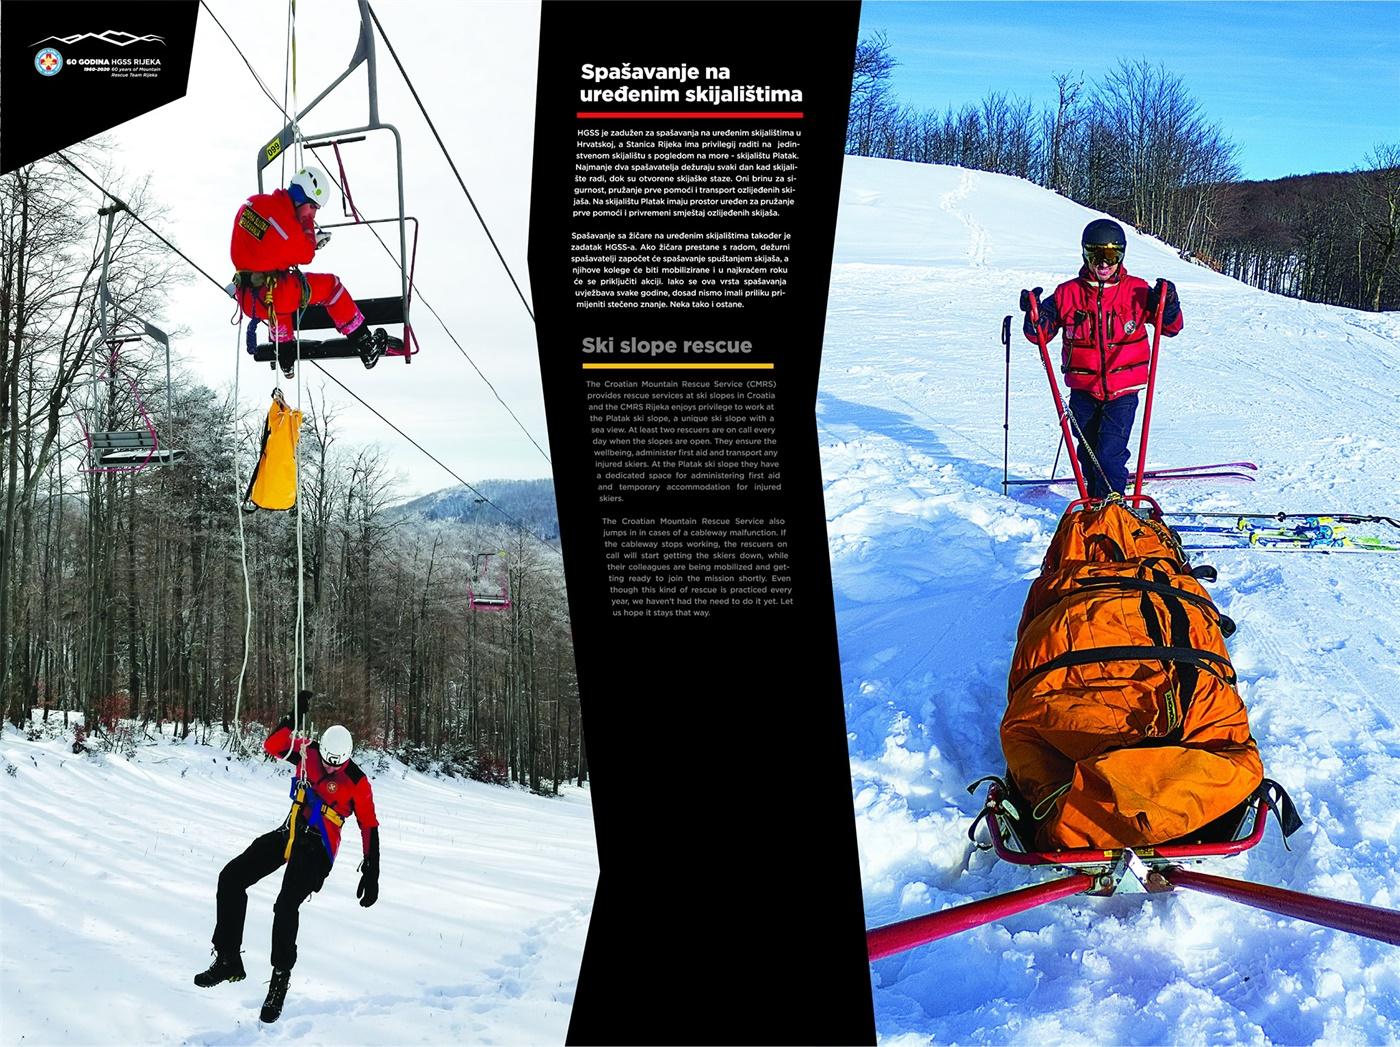 Spašavanje na uređenim skijalištima (60 god. HGSS Rijeka - plakat 8/18)